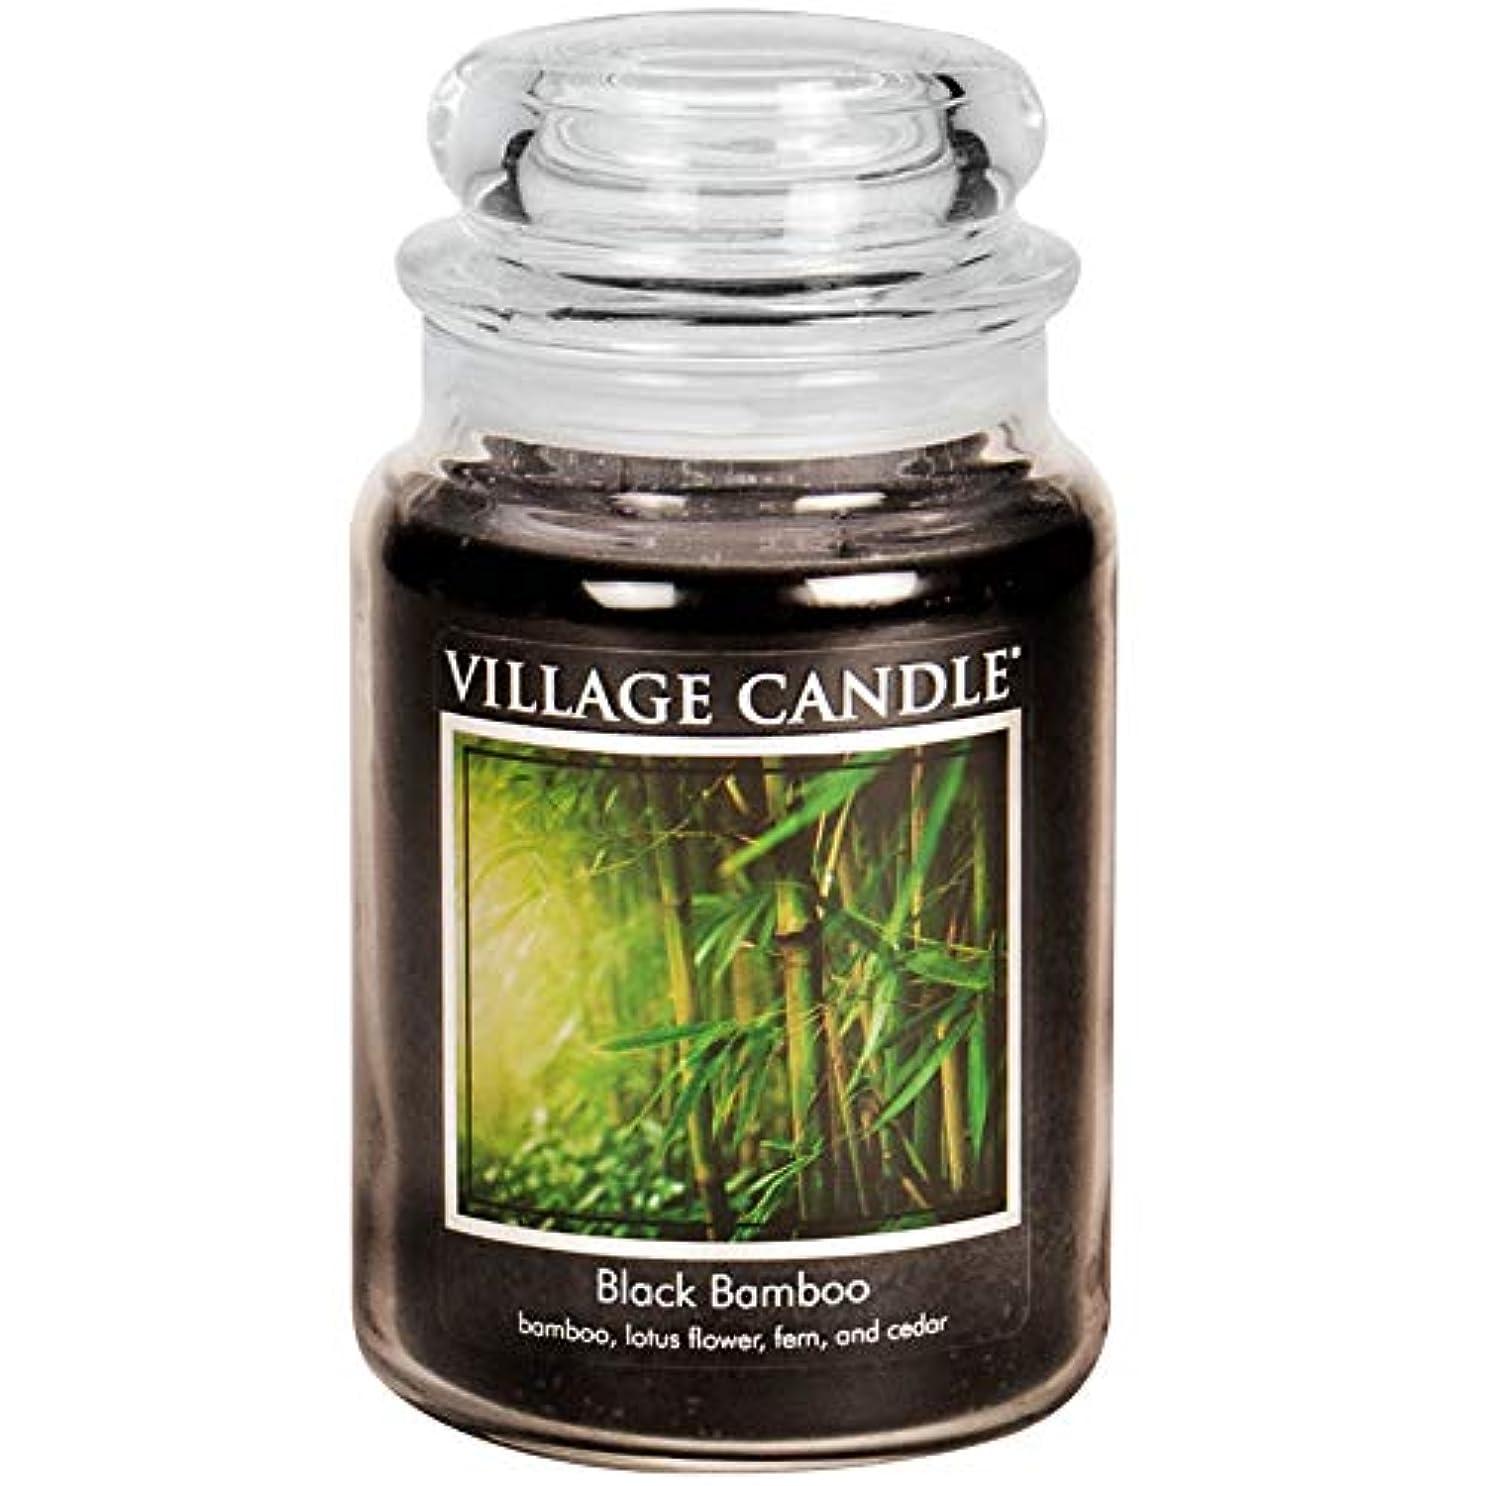 プロジェクタービジター同化Village Candle Large Fragranced Candle Jar?つ - 17cm x 10cm - 26oz (1219g)- Black Bamboo - upto 170 hours burn...